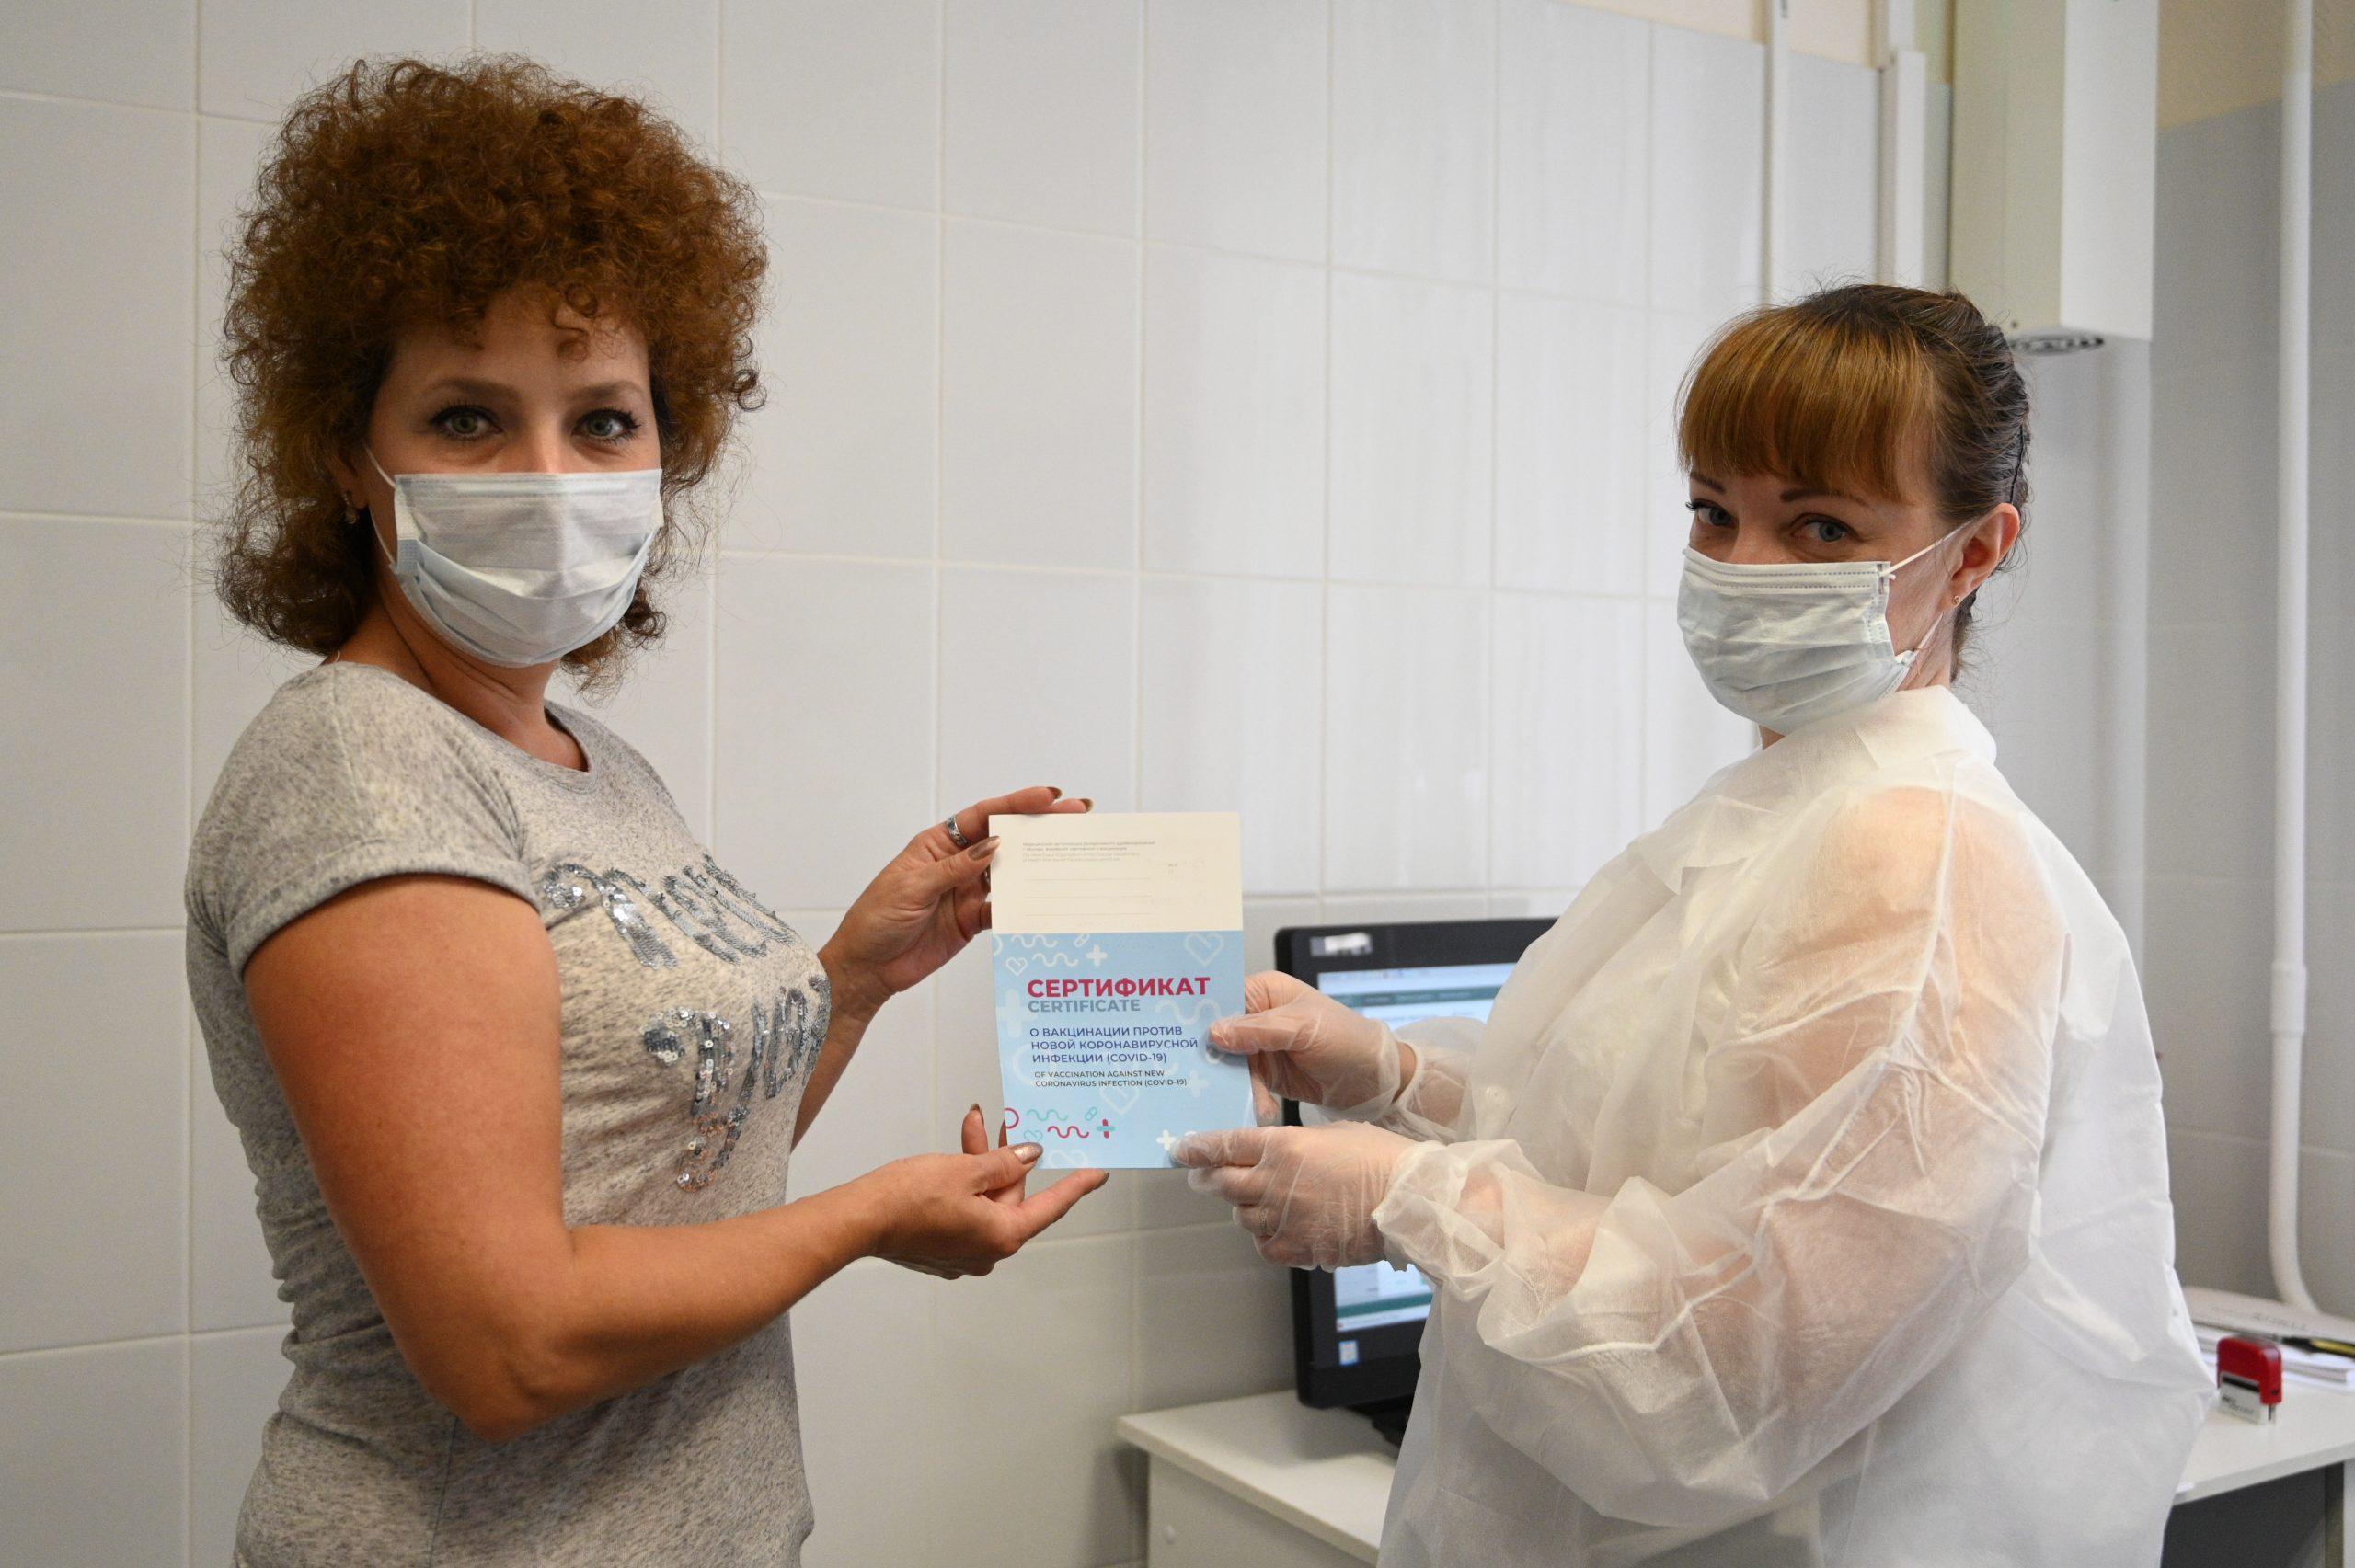 За последние сутки в России зарегистрировали 24 тысячи 471 случай заражения новой коронавирусной инфекцией